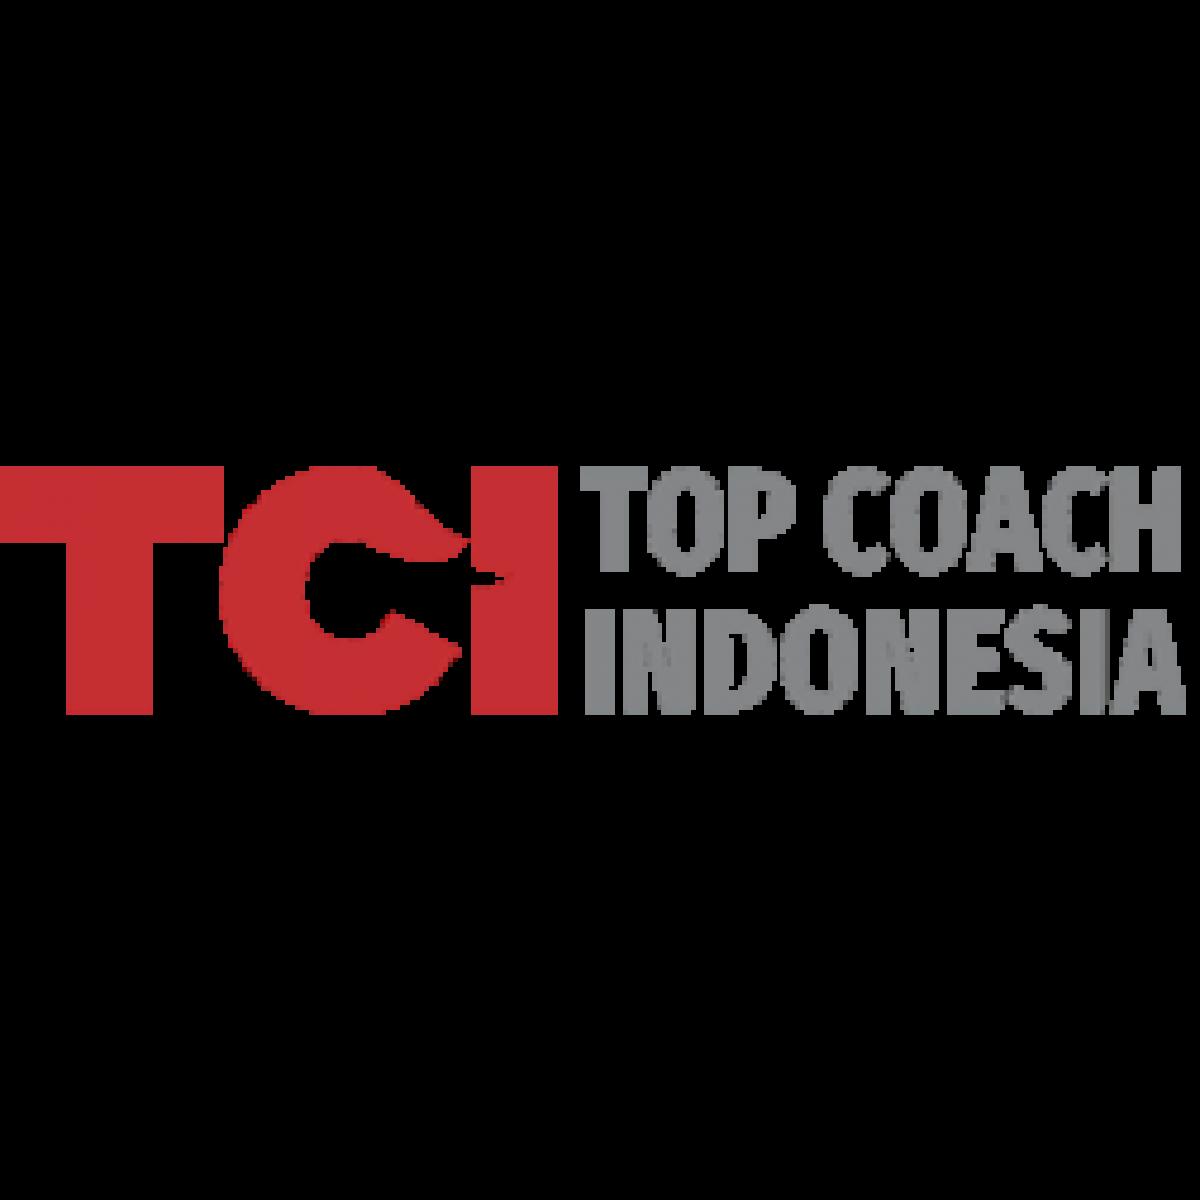 Top Coach Indonesia